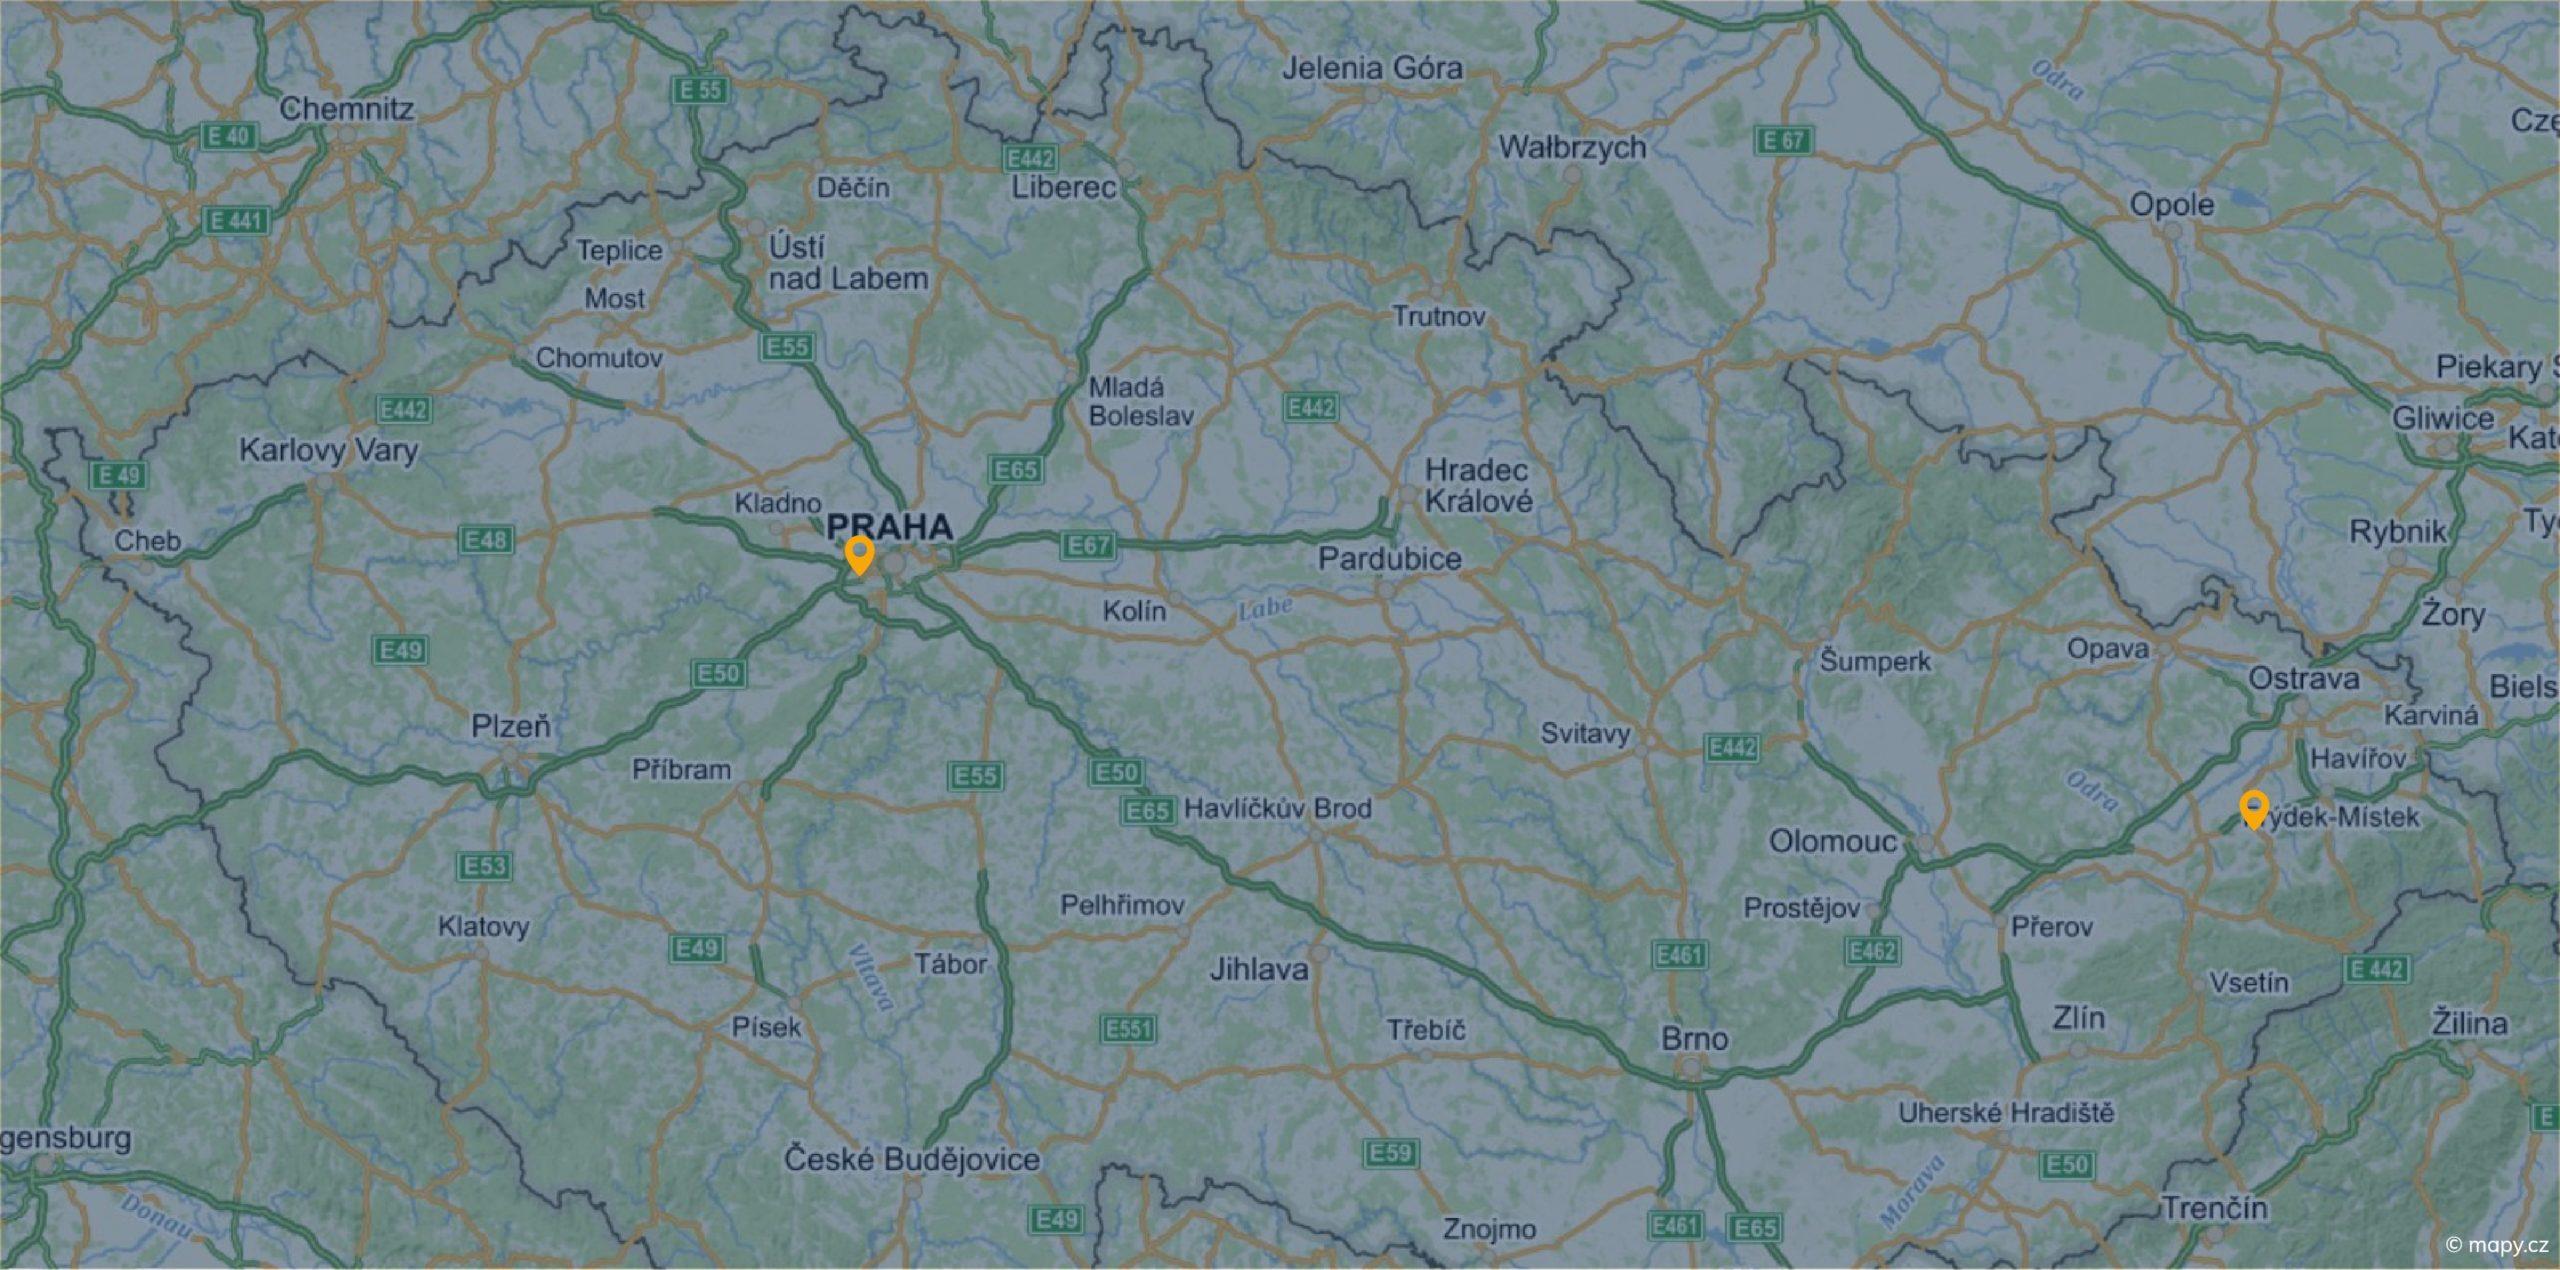 Mapa s centrálou firmy Protect Parts v Praze a skladištěm v Kopřivnici.